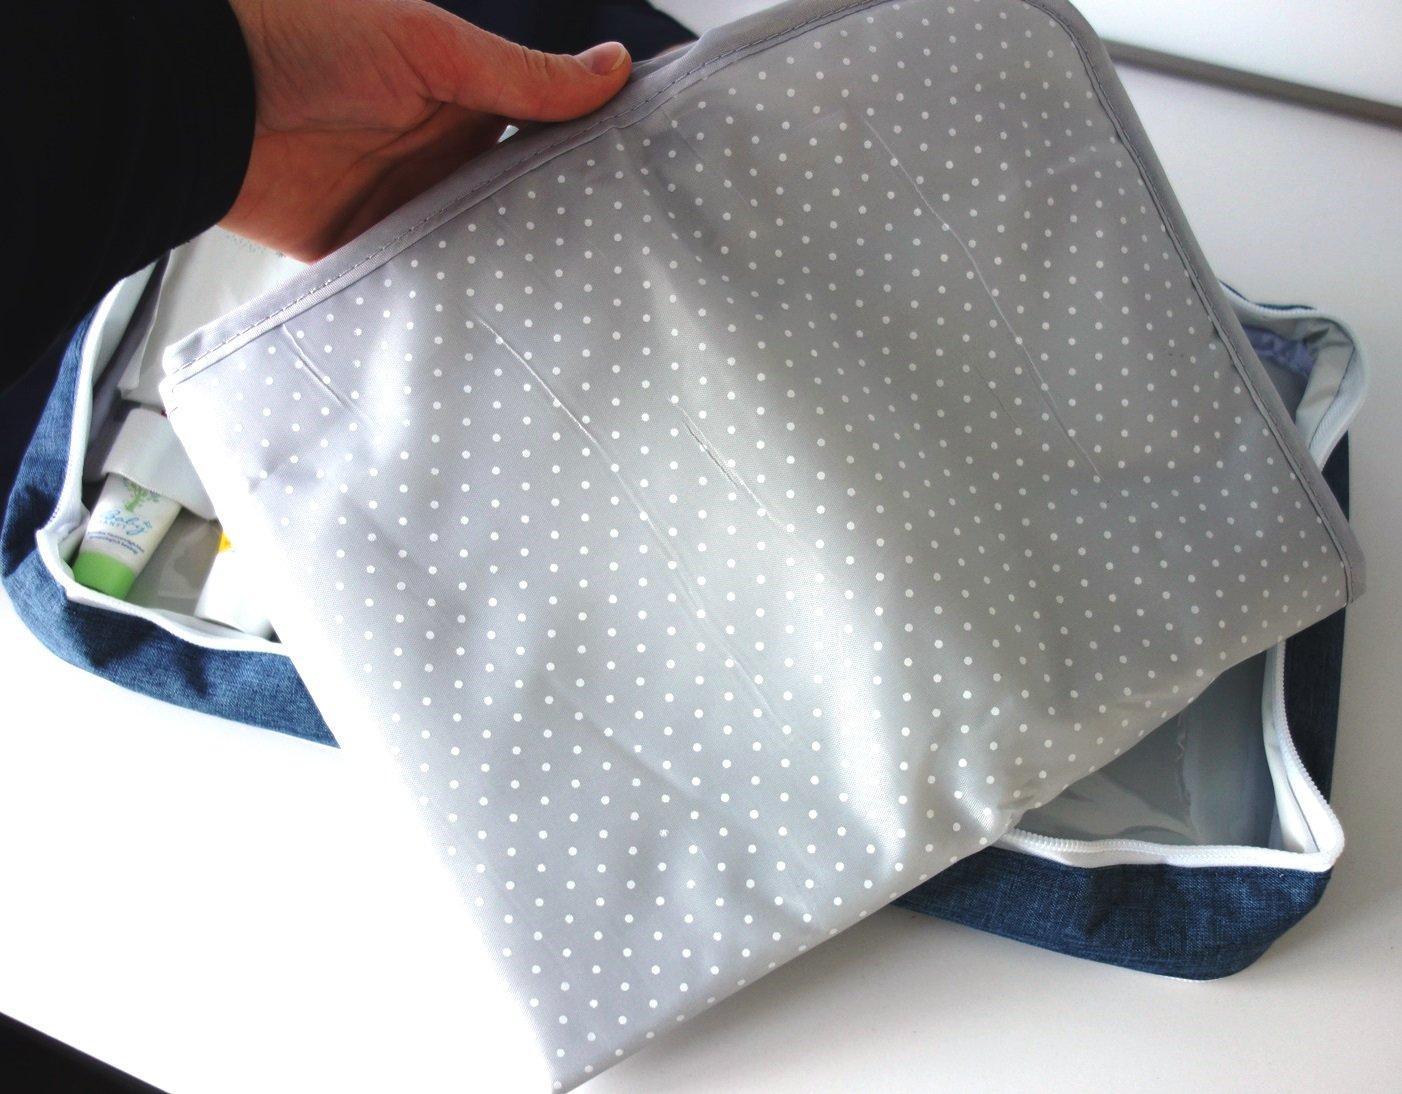 DSC01413 - Was gehört in die Wickeltasche?